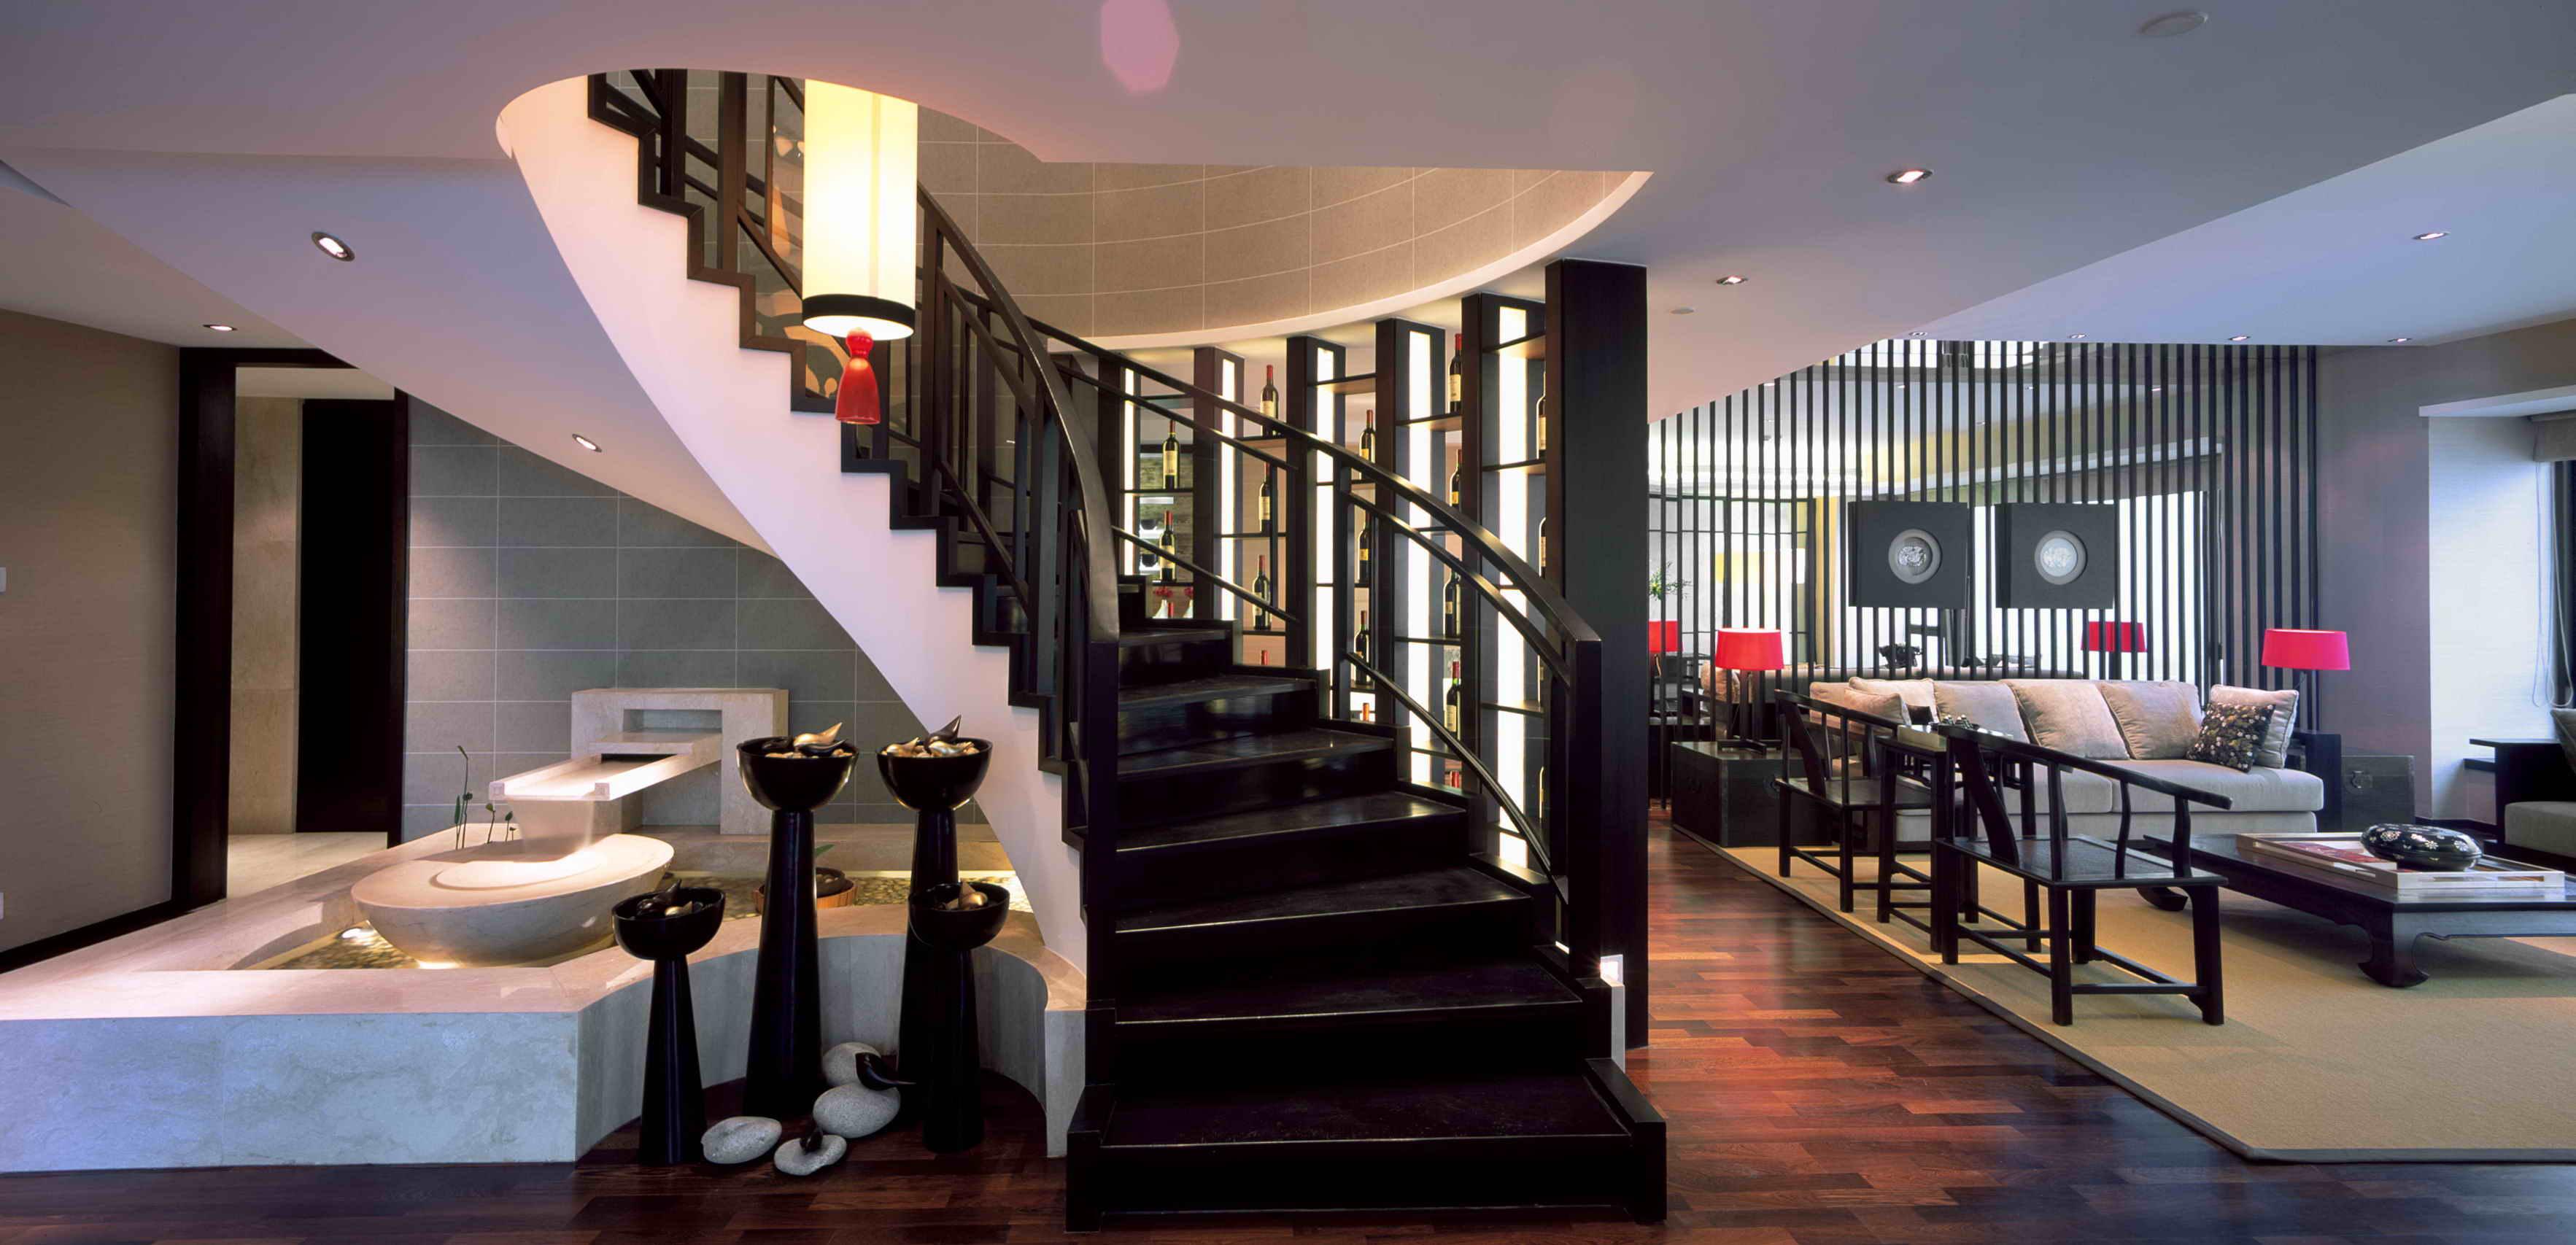 中式现代别墅楼梯装修效果图装修效果图